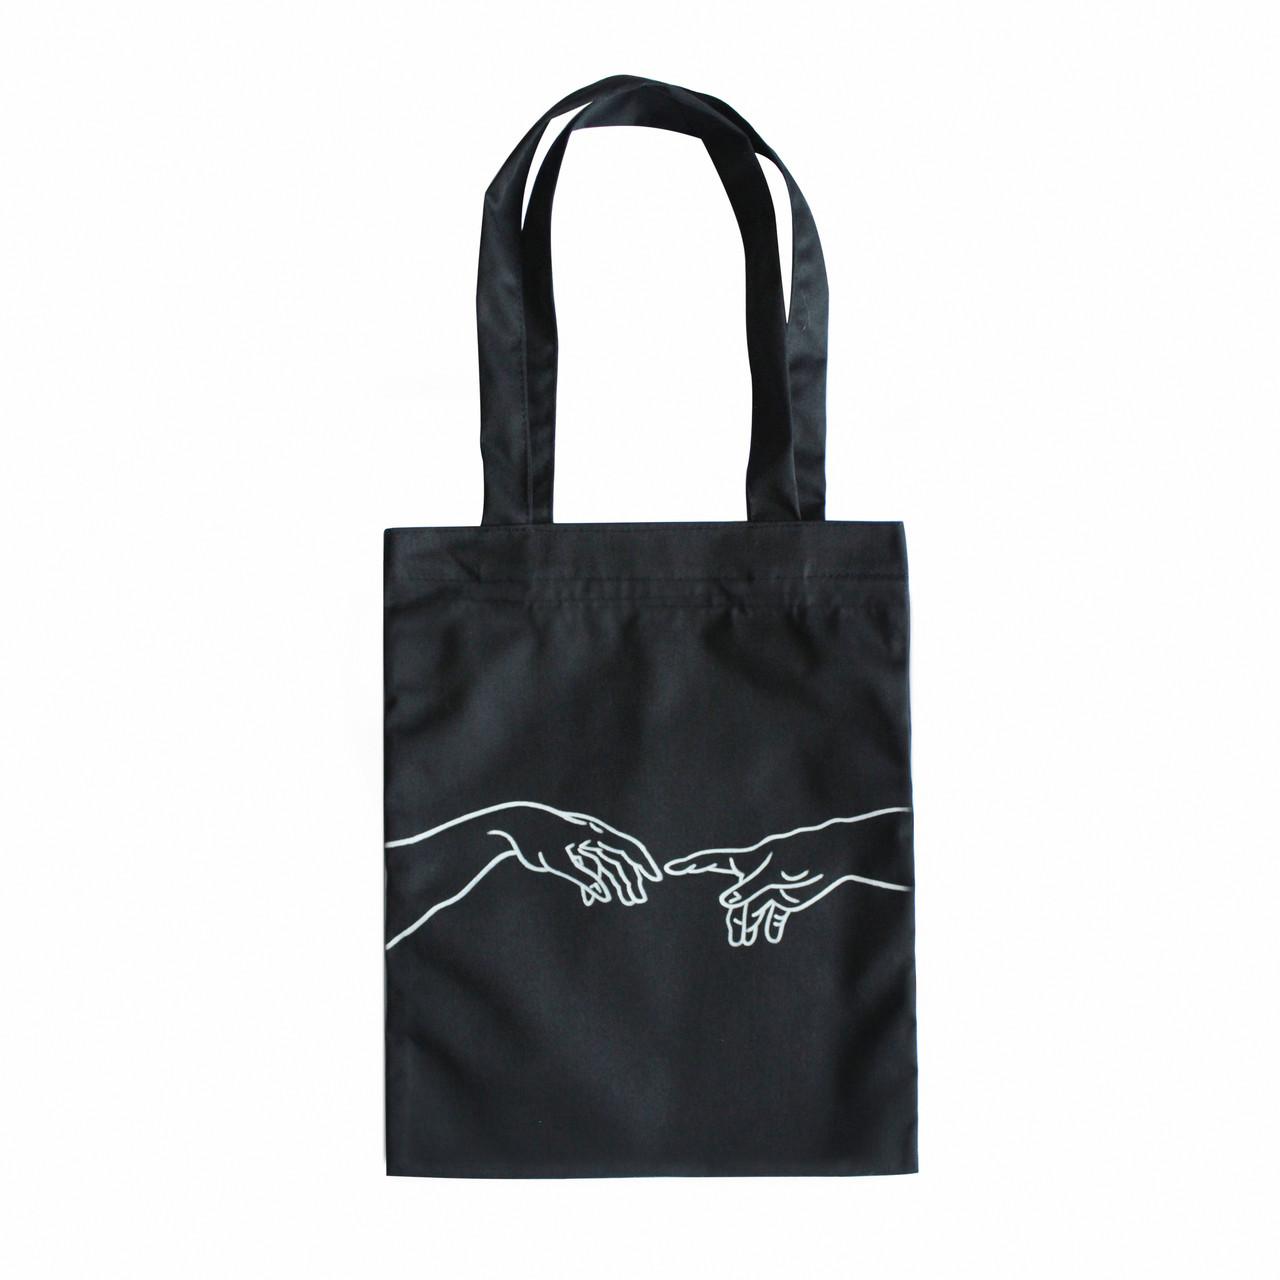 """Черная сумка для покупок """"эко-шоппер"""" ручной работы с принтом """"Connection"""", саржа"""